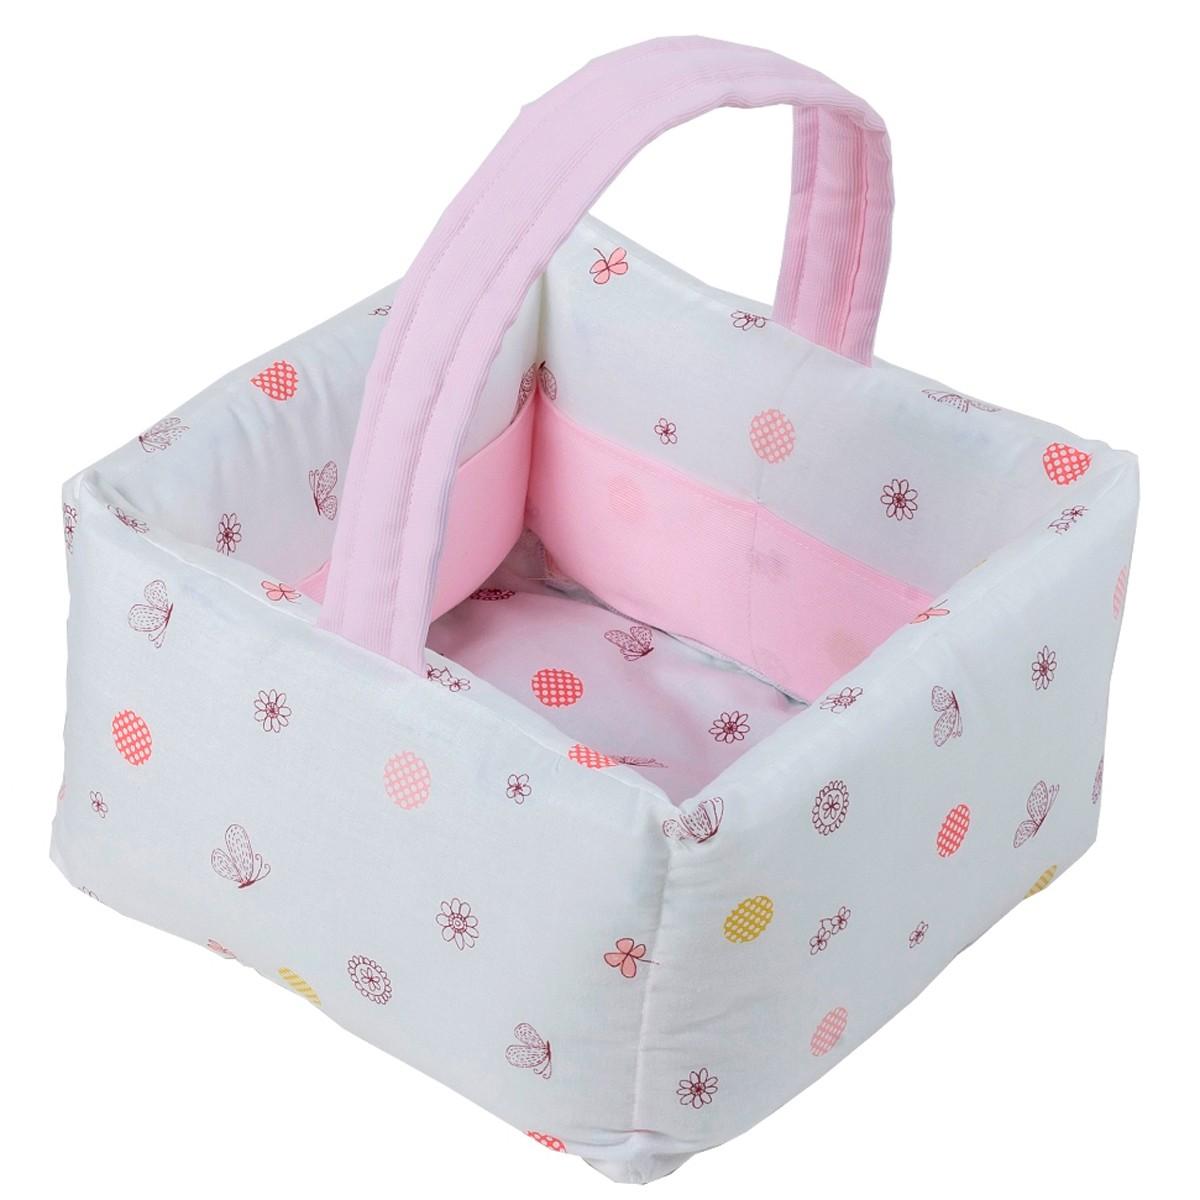 Καλαθάκι Καλλυντικών Κόσμος Του Μωρού Countryside 0684 Ροζ